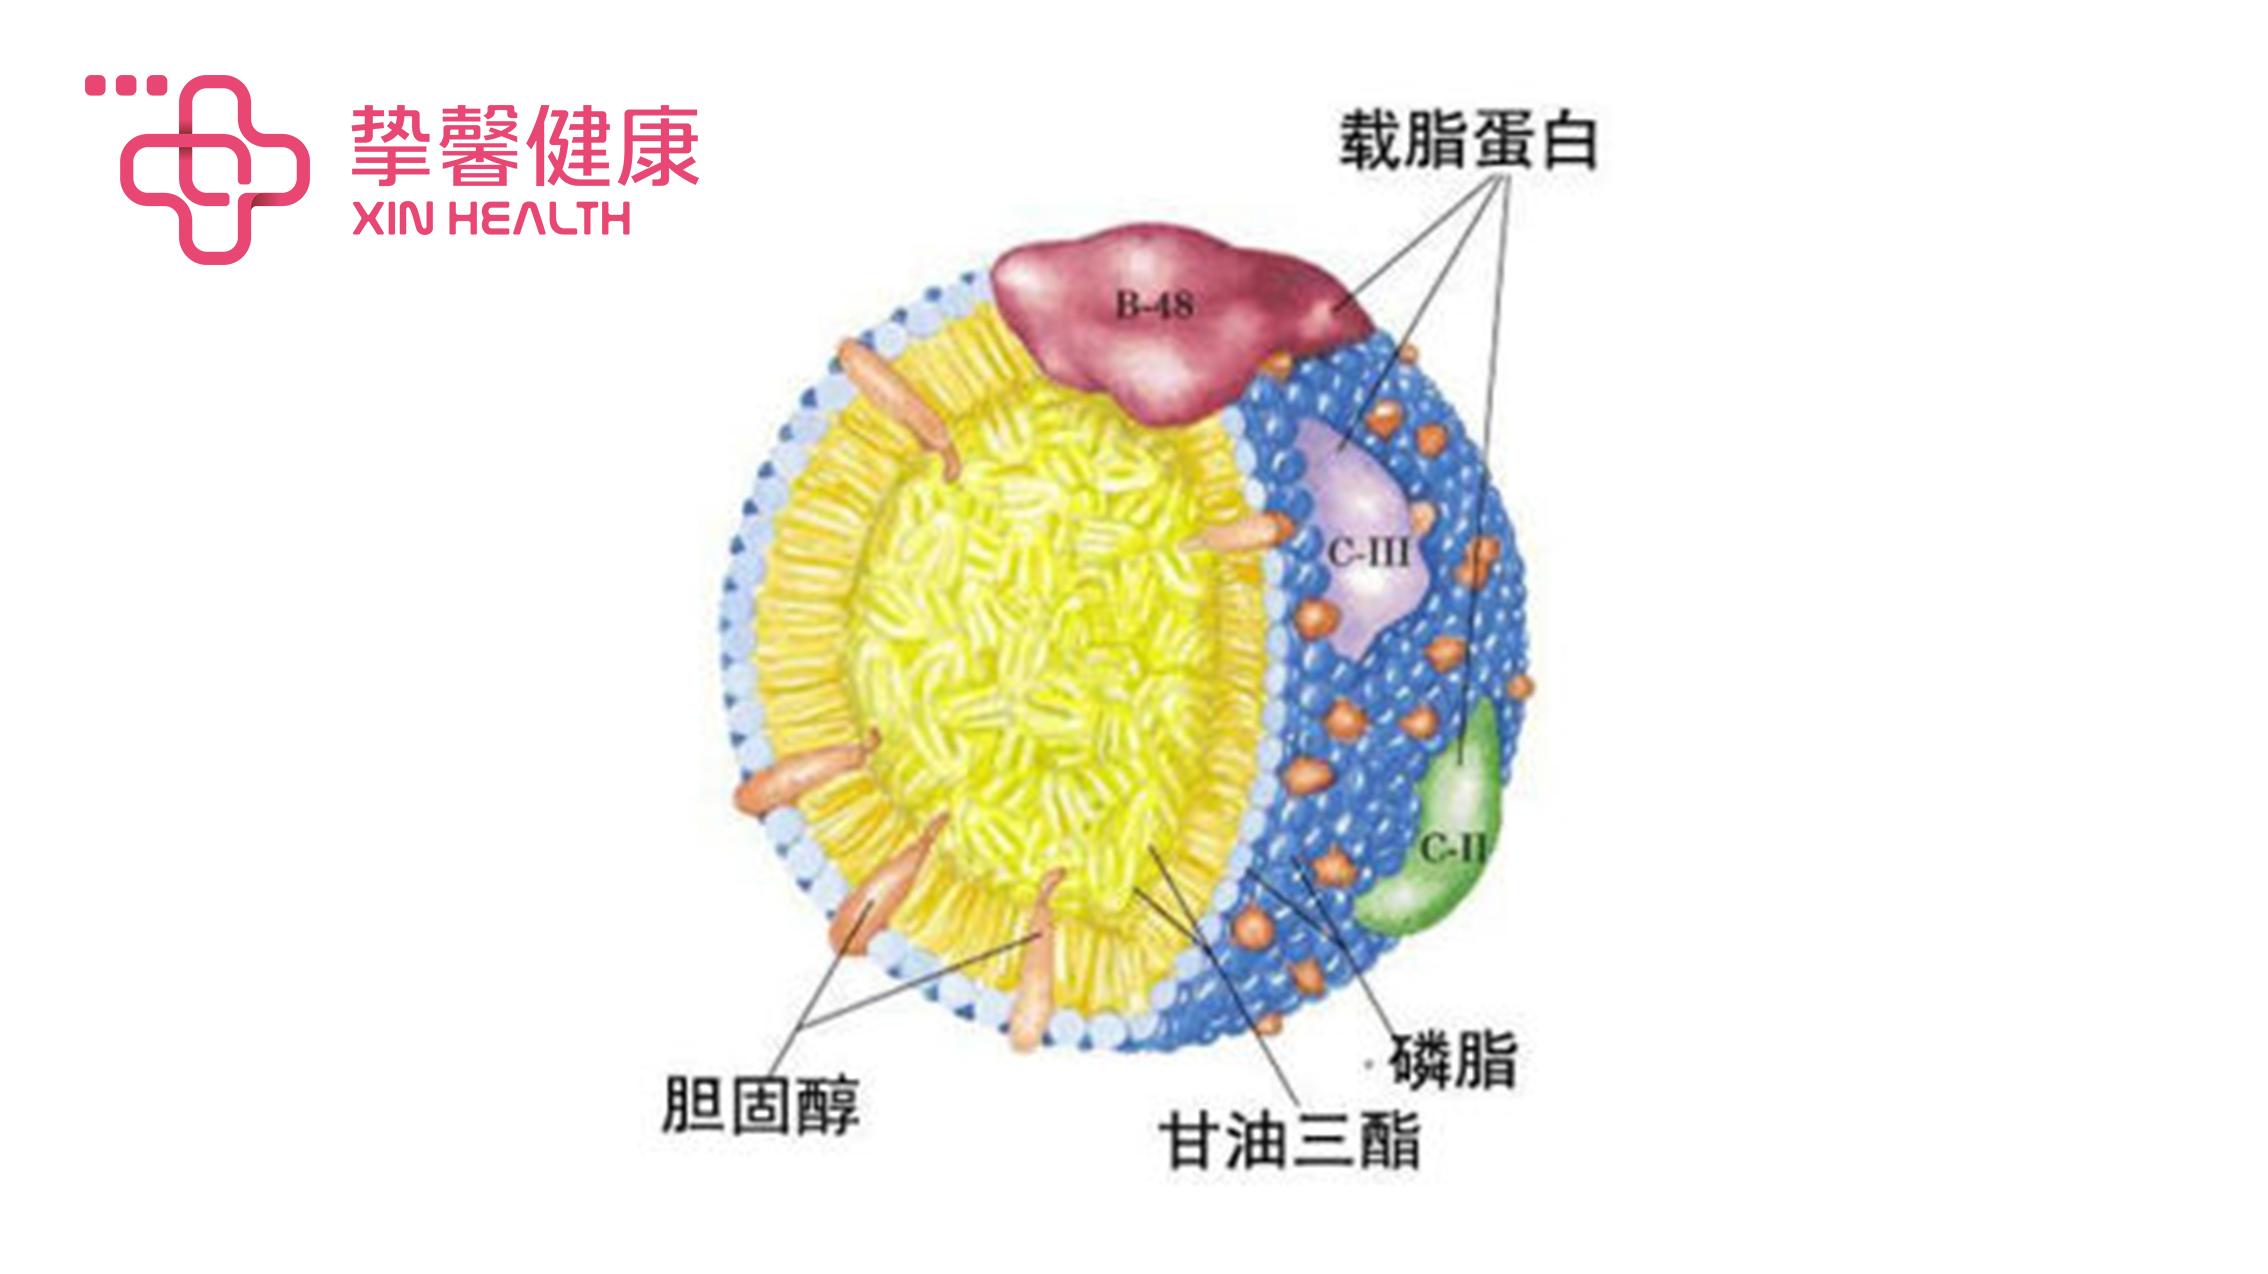 肝脏剖析图